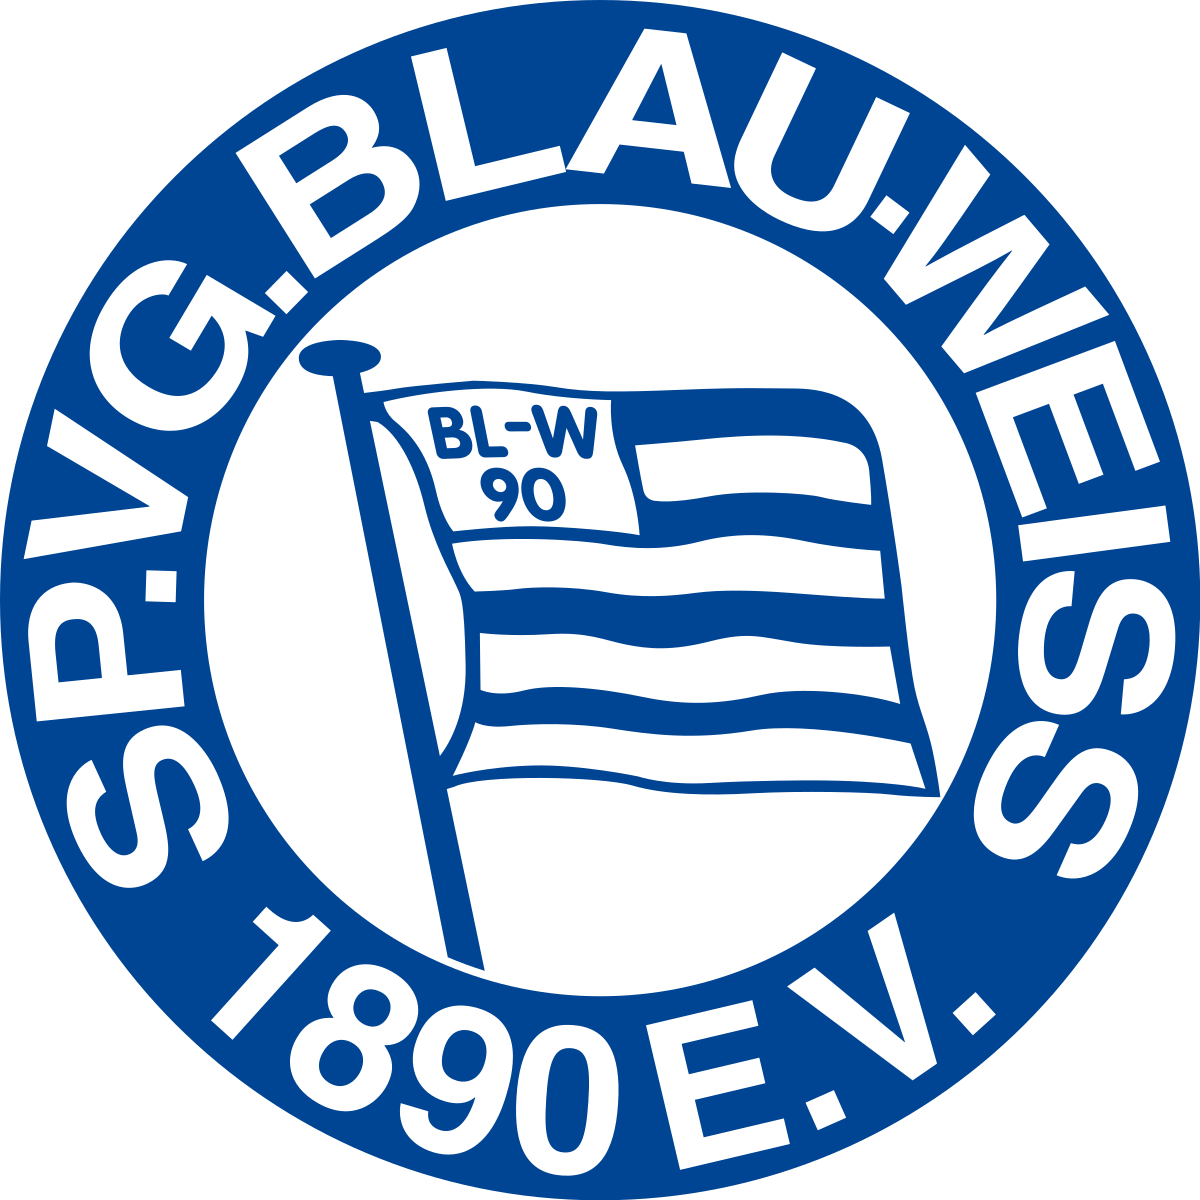 Blau-Weiss 90 Berlin logo